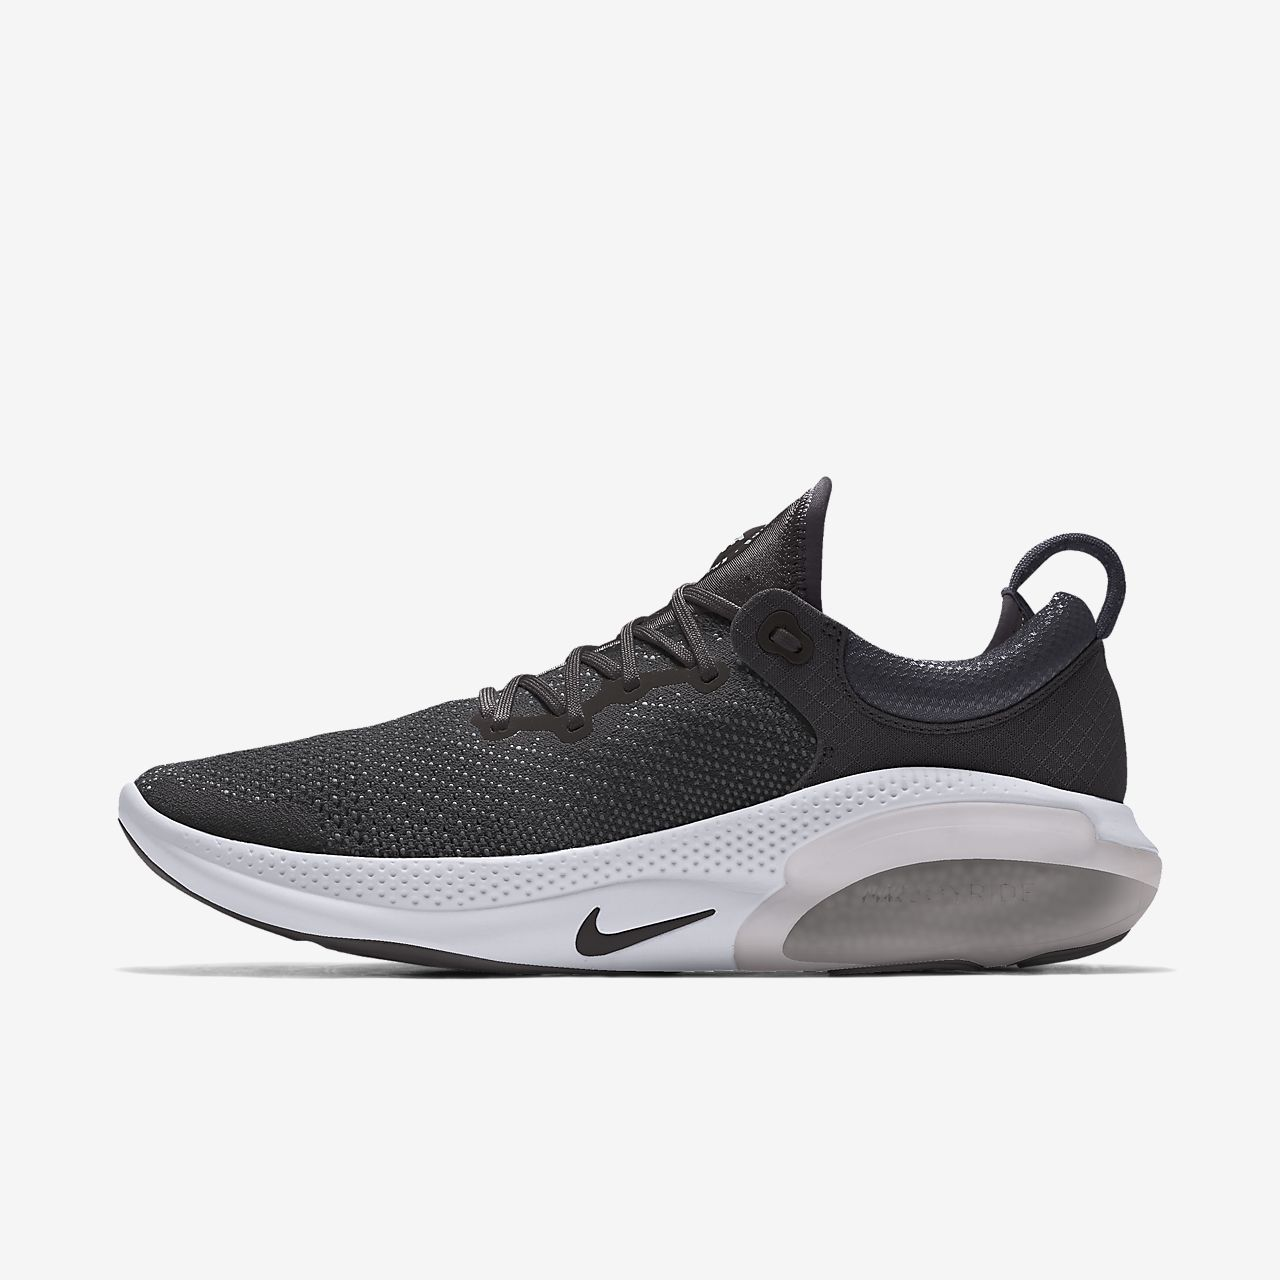 รองเท้าวิ่งผู้ชายออกแบบเอง Nike Joyride Run Flyknit By You